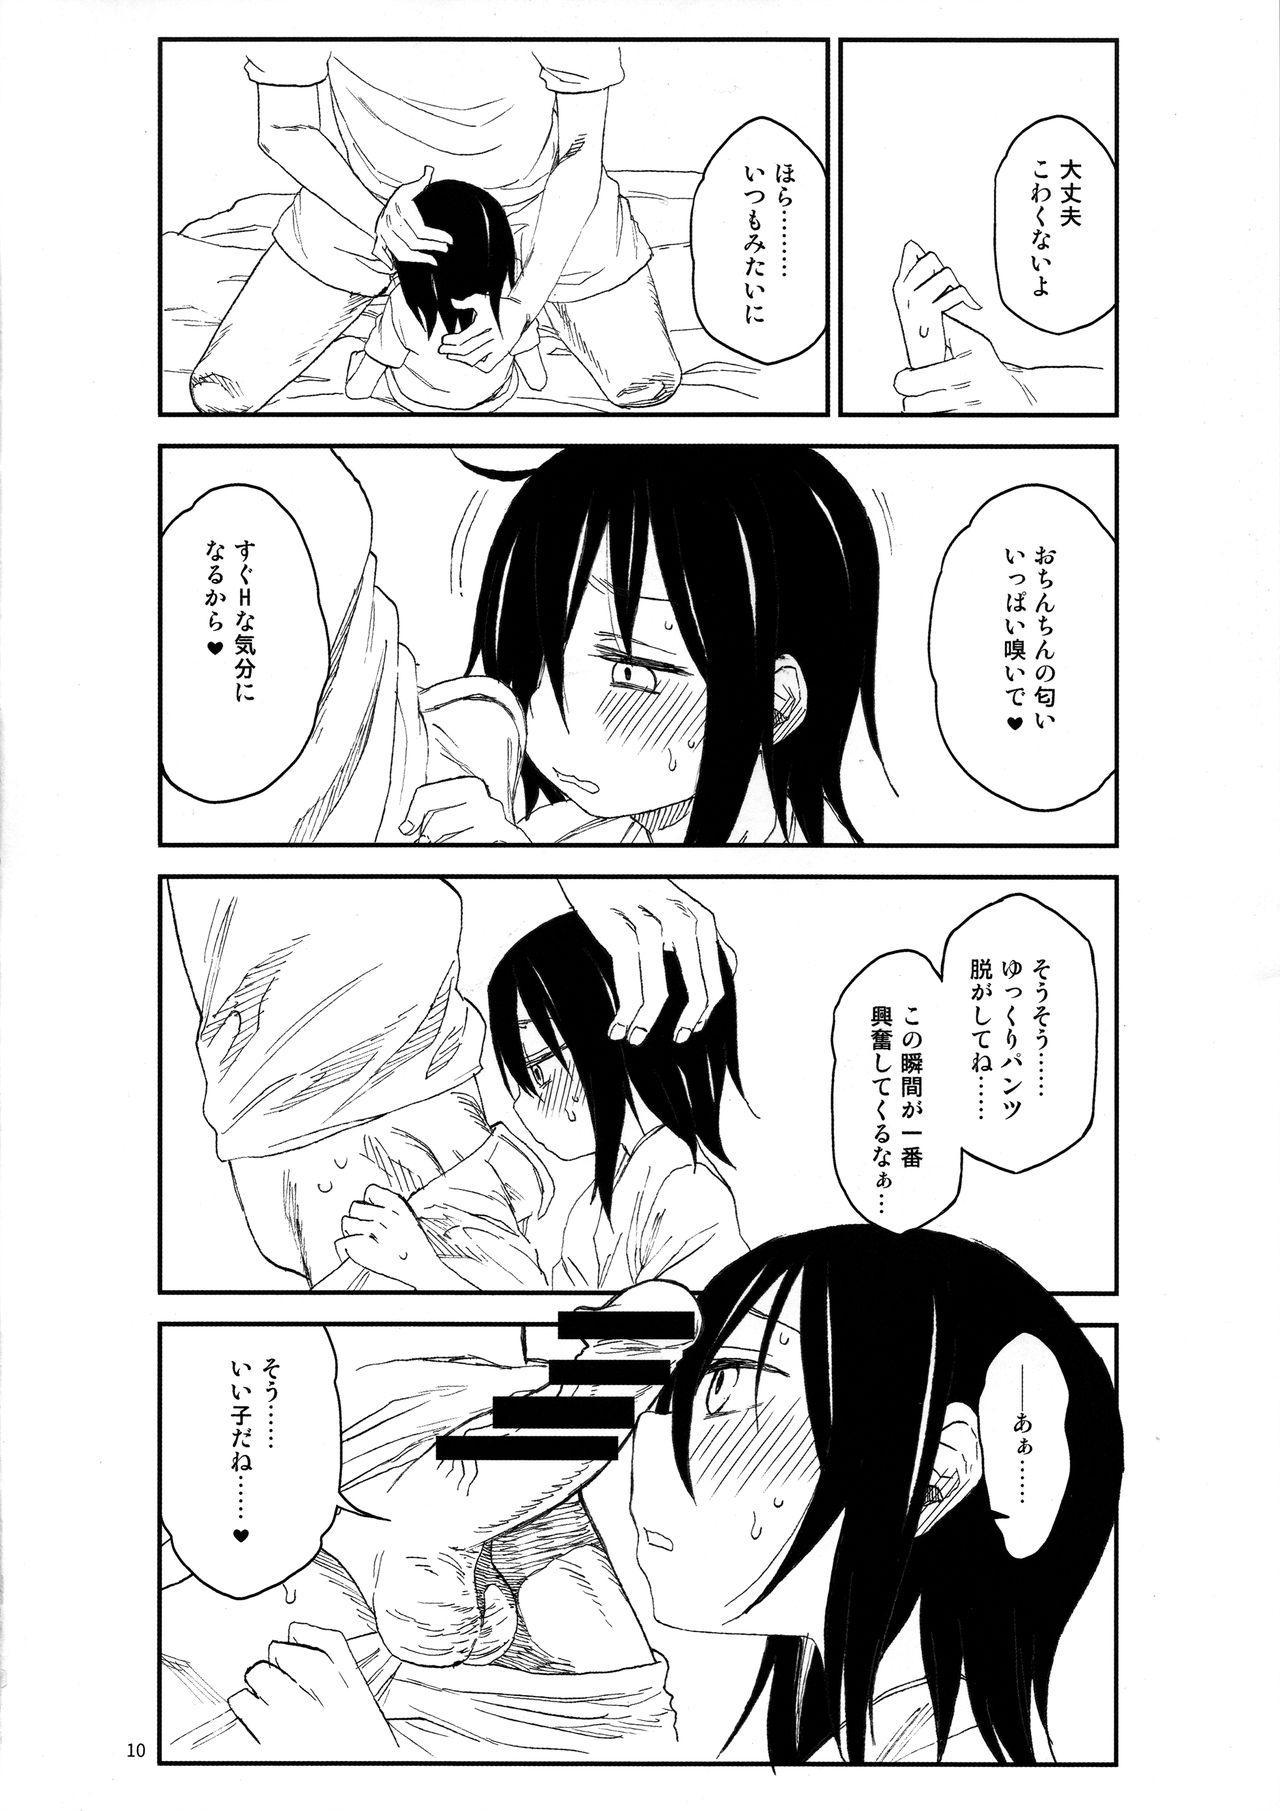 Tonari no Mako-chan Vol. 3 9